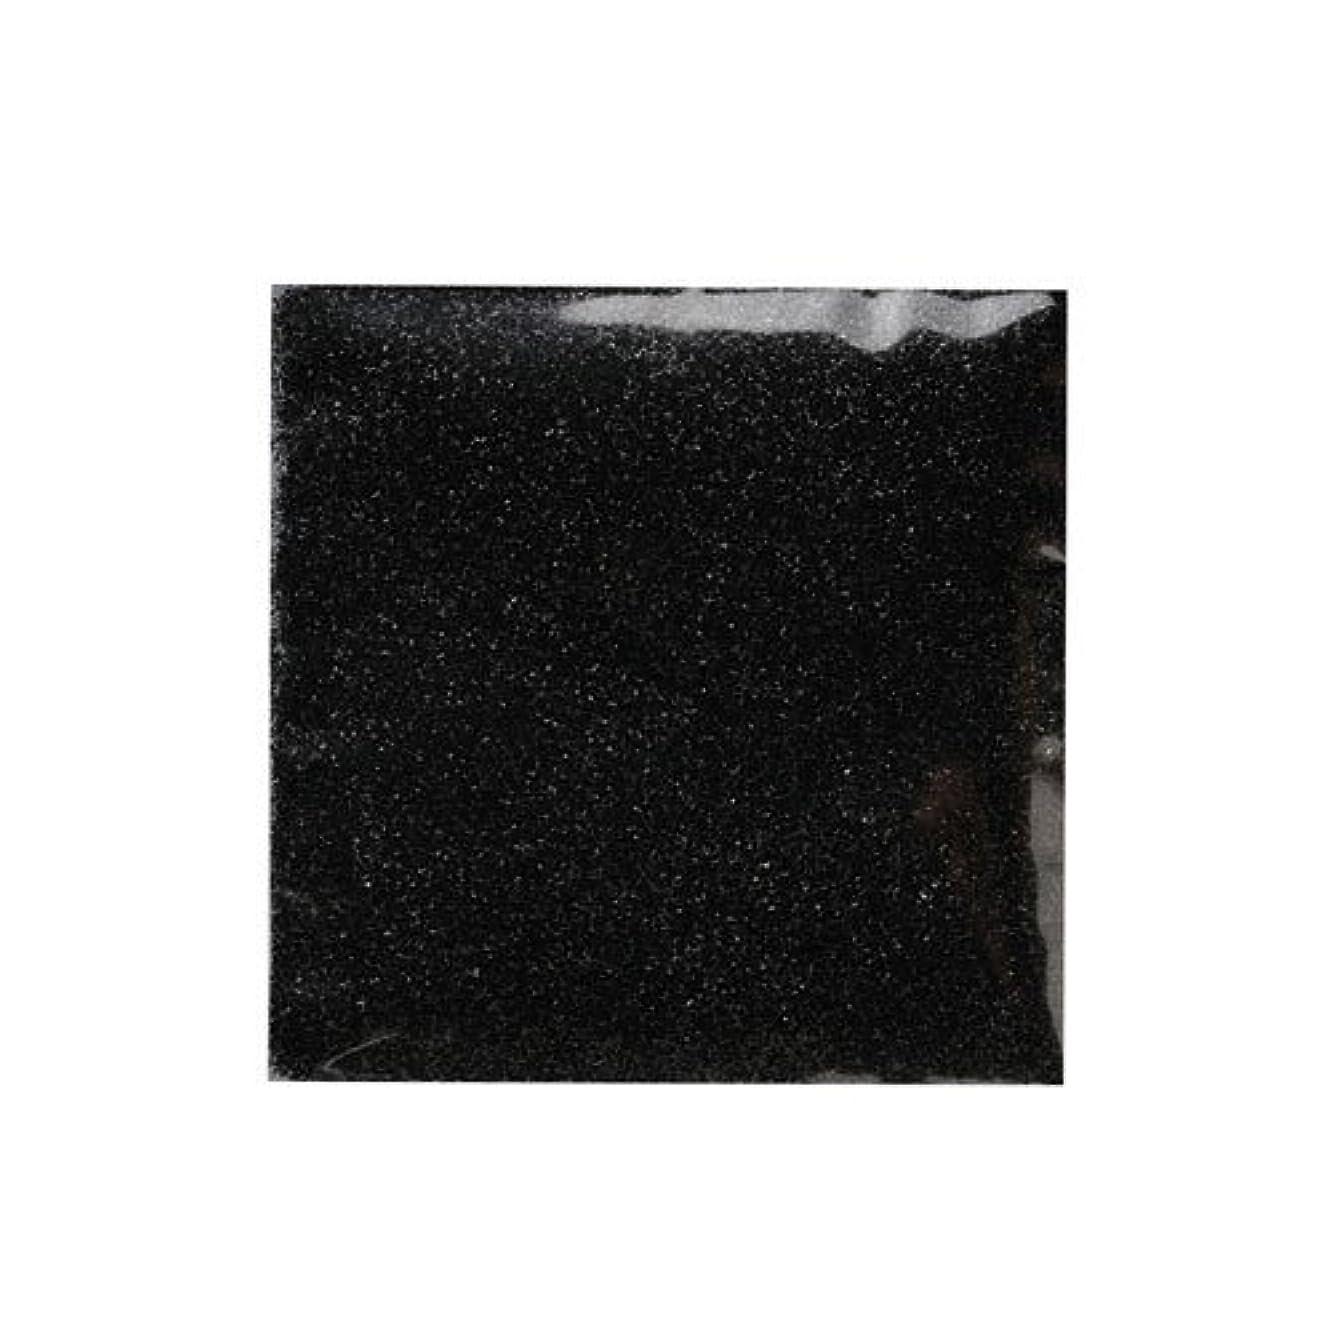 ピカエース ネイル用パウダー ピカエース ラメメタリック #507 ブラック 2g アート材